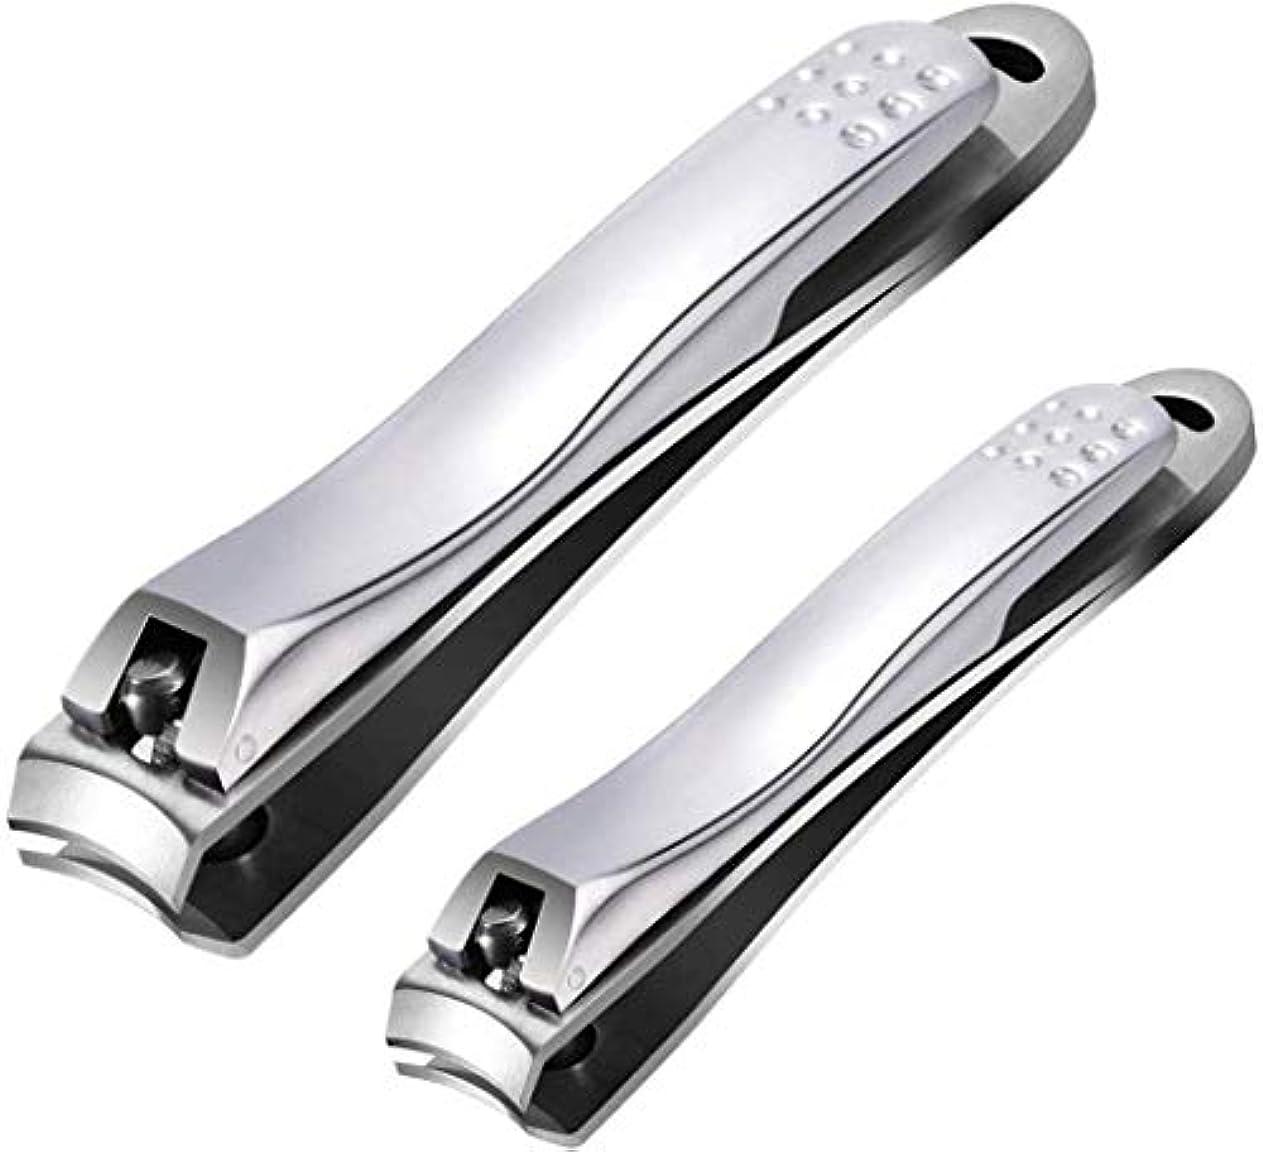 出します大腿町つめきり ステンレス製高級 爪切り 爪やすり付き 手足はがね ツメキリ 握りやすい スパット切れる レザーケース付き付属 (2サイズ)